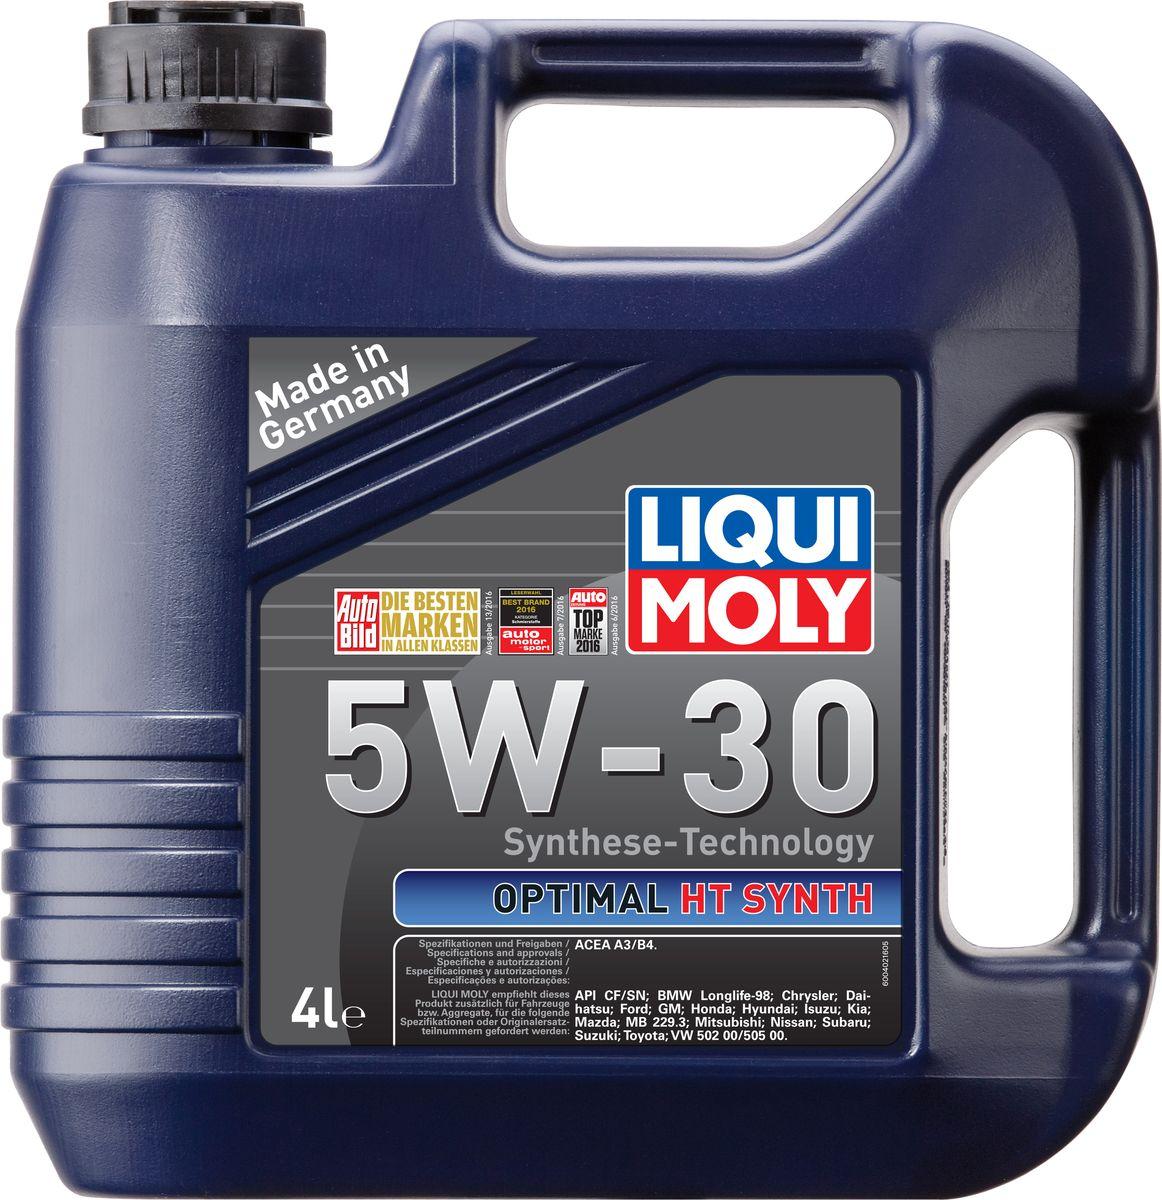 Масло моторное Liqui Moly Optimal HT Synth, НС-синтетическое, 5W-30, 4 л10503Масло моторное Liqui Moly Optimal HT Synth - универсальное моторное масло на базе гидрокрекинговой технологии синтеза (HC-синтеза). Удовлетворяет современным требованиям международных стандартов API и ACEA. Оптимально для современных моделей ВАЗ и иномарок с аналогичными требованиями. Отлично подходит двигателей с турбонаддувом и катализаторами. Масло обладает популярнейшим классом вязкости для современных автомобилей. Это современное моторное мало с хорошими антифрикционными свойствами высшего класса для всесезонного применения. Комбинация необычных базовых масел на основе гидрокрекинга и самой современной технологии присадок гарантирует получение моторного масла, которое снижает расход масла и топлива и заботится о быстрейшей смазке двигателя. Особенности: - легкий ход мотора,- высокая устойчивость смазки,- высокая стабильность,- превосходная устойчивость к старению,- быстрое снабжение маслом при низких температурах, - оптимальное давление масла при всех условиях применения,- отличная защита от износа,- отличная чистота мотора,- экономит топливо и снижает выброс вредных веществ,- долгий срок жизни мотора,- пригодно к смешиванию с аналогичными моторными маслами,- проверено на катализаторах и турбонагнетателях.Допуск:-ACEA: A3/B4Соответствие:-API: CF/SN-BMW: Longlife-98-Chrysler: Chrysler-Ford: Ford-GM: GM-MB: 229.3-VW: 502 00/505 00-Daihatsu: Daihatsu-Honda: Honda-Hyundai: Hyundai-Kia: Kia-Isuzu: Isuzu-Mazda: Mazda-Mitsubishi: Mitsubishi-Nissan: Nissan-Suzuki: Suzuki-Toyota: Toyota-Subaru: Subaru